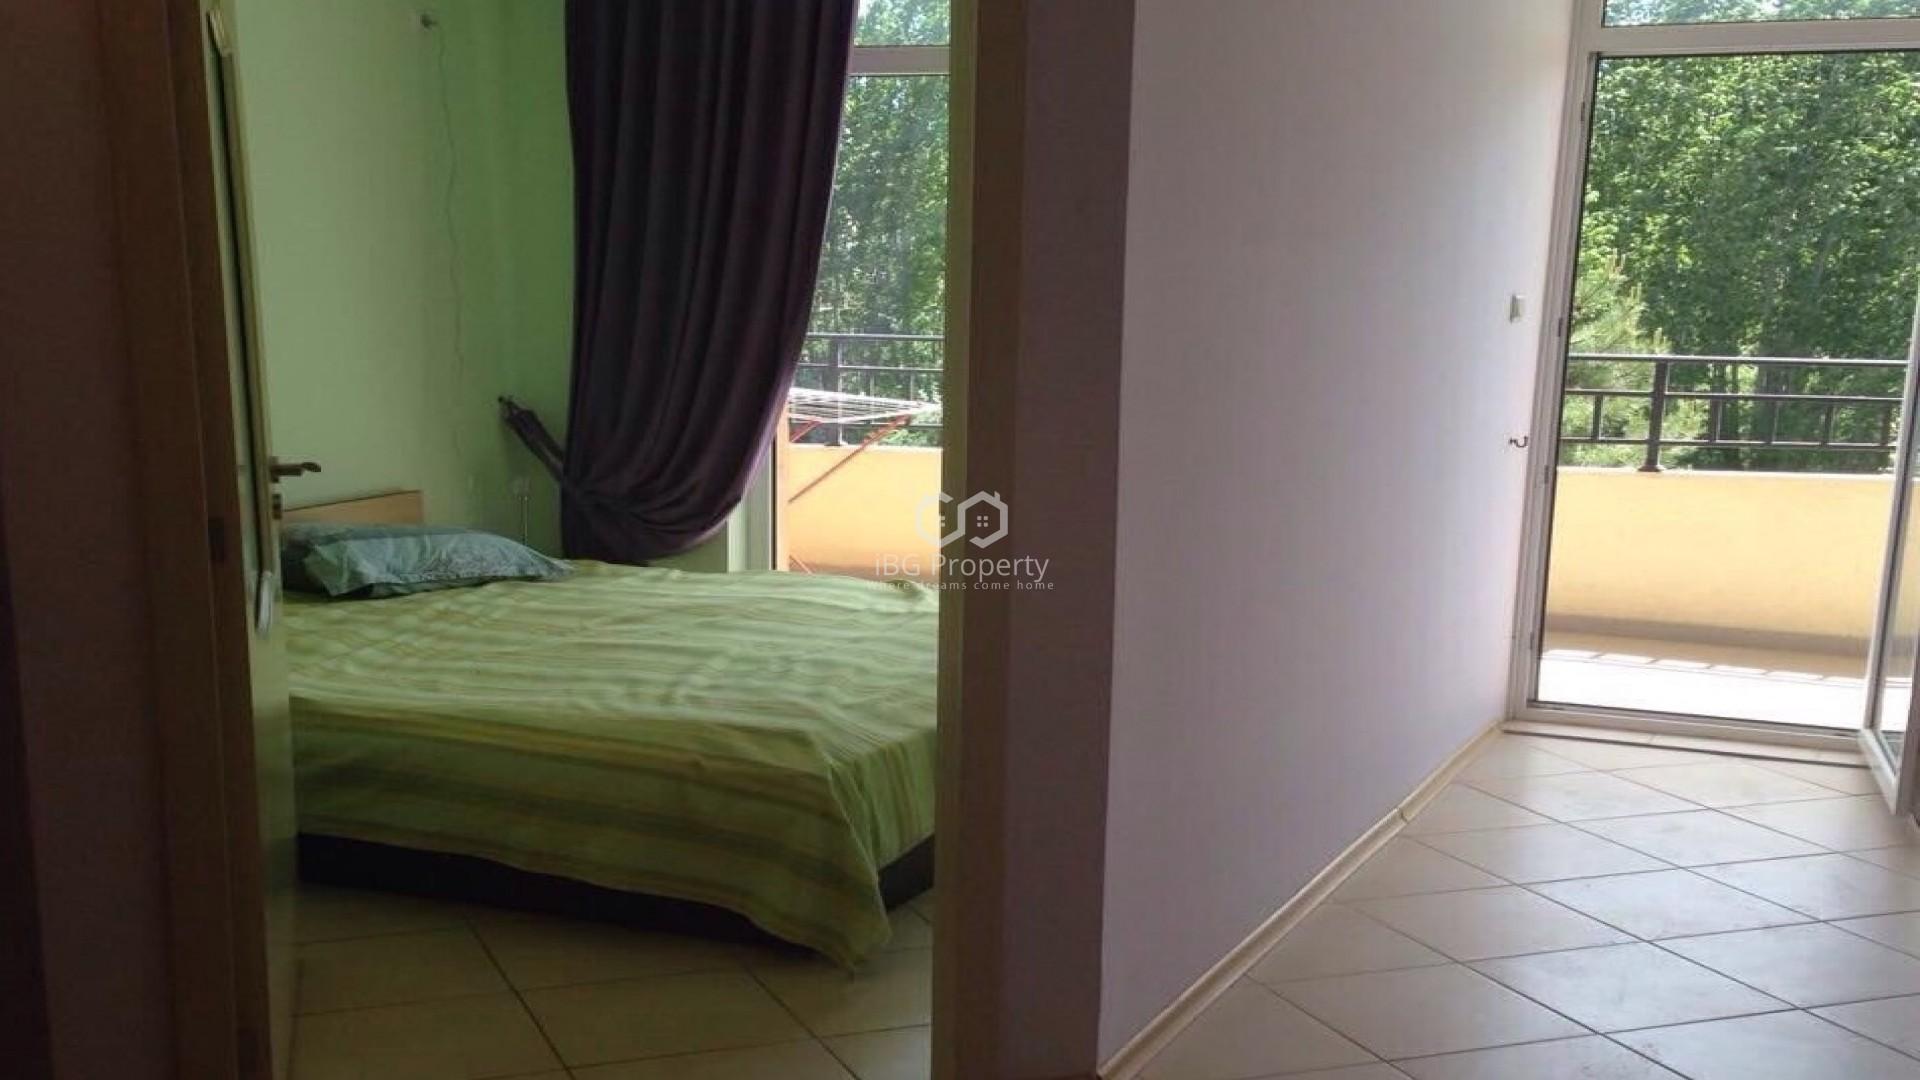 Zweizimmerwohnung in Sonnenstrand 48 m2